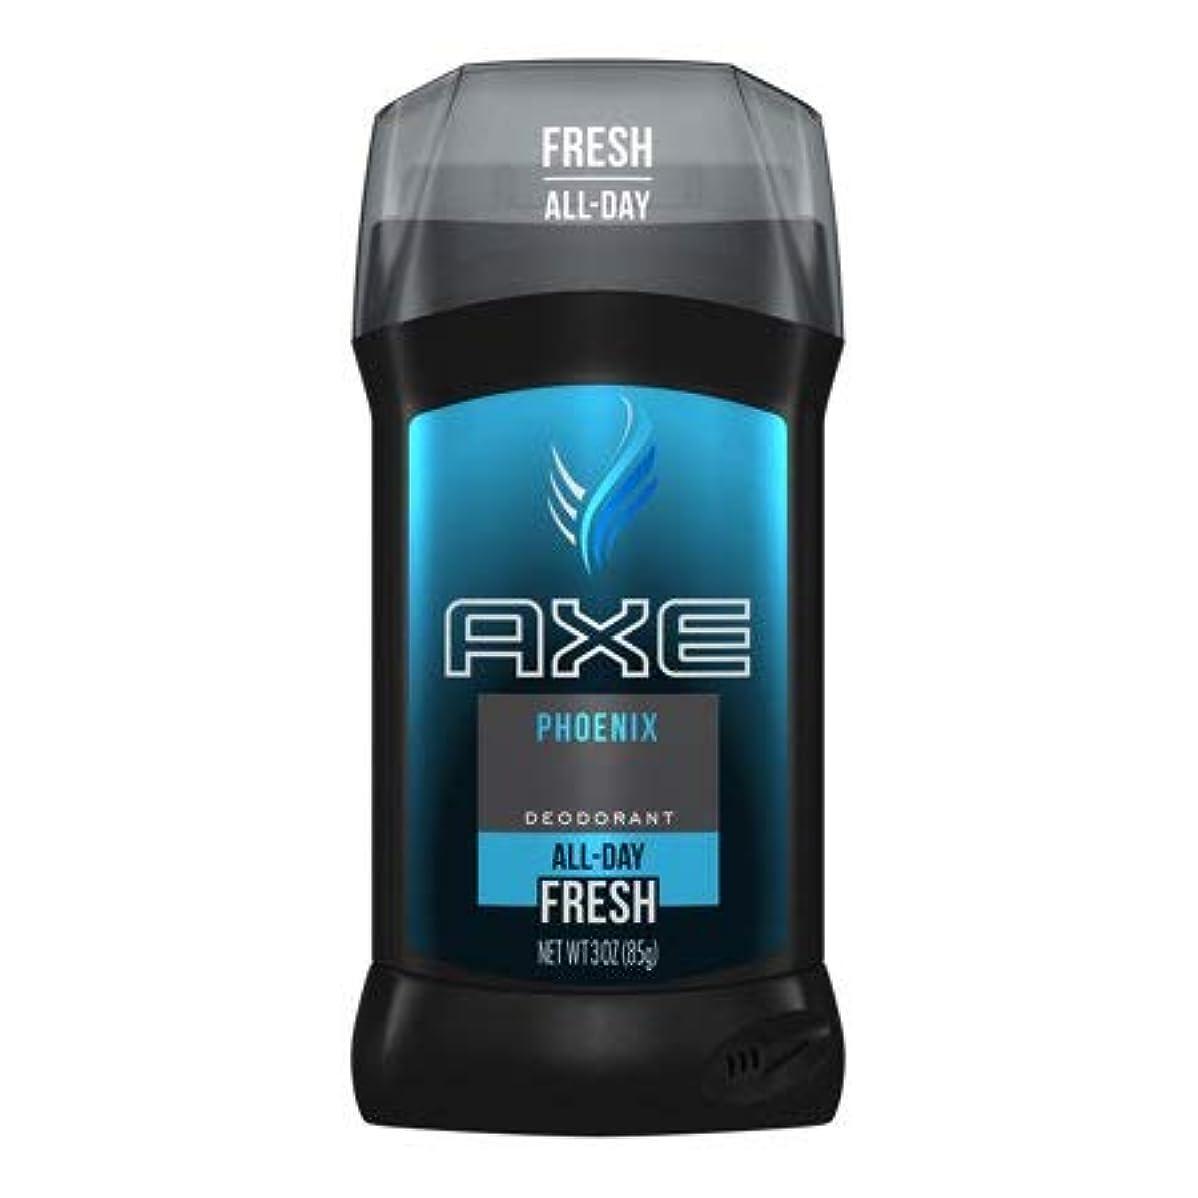 札入れ詐欺努力するAXE Phoenix Deodorant Stick Fresh 3 oz アクセ フェニックス フレッシュ デオドラント 海外直送品 [並行輸入品]